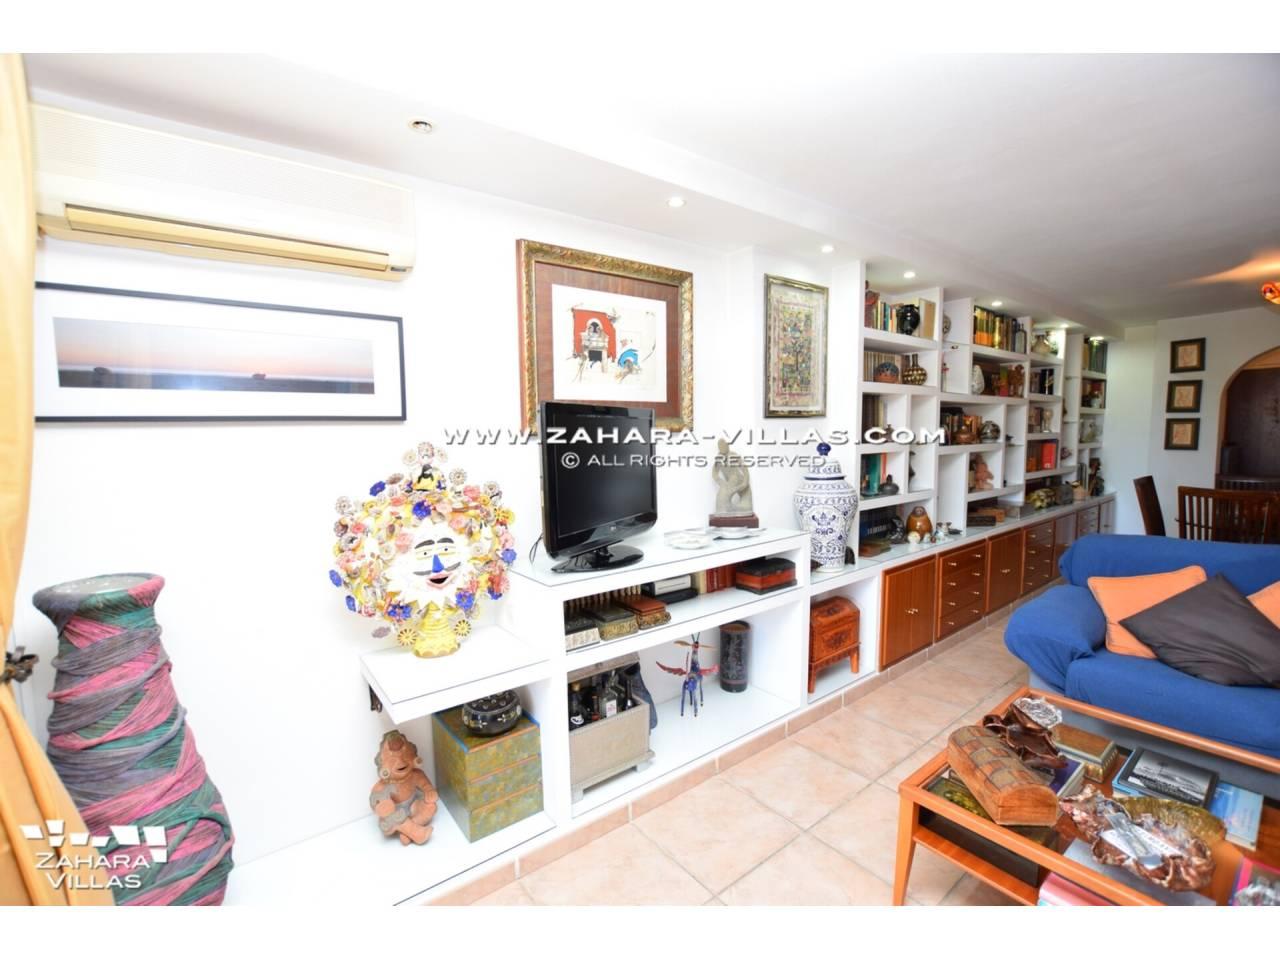 Imagen 10 de Apartamento en venta en urbanización Jardines de Zahara - Atlanterra